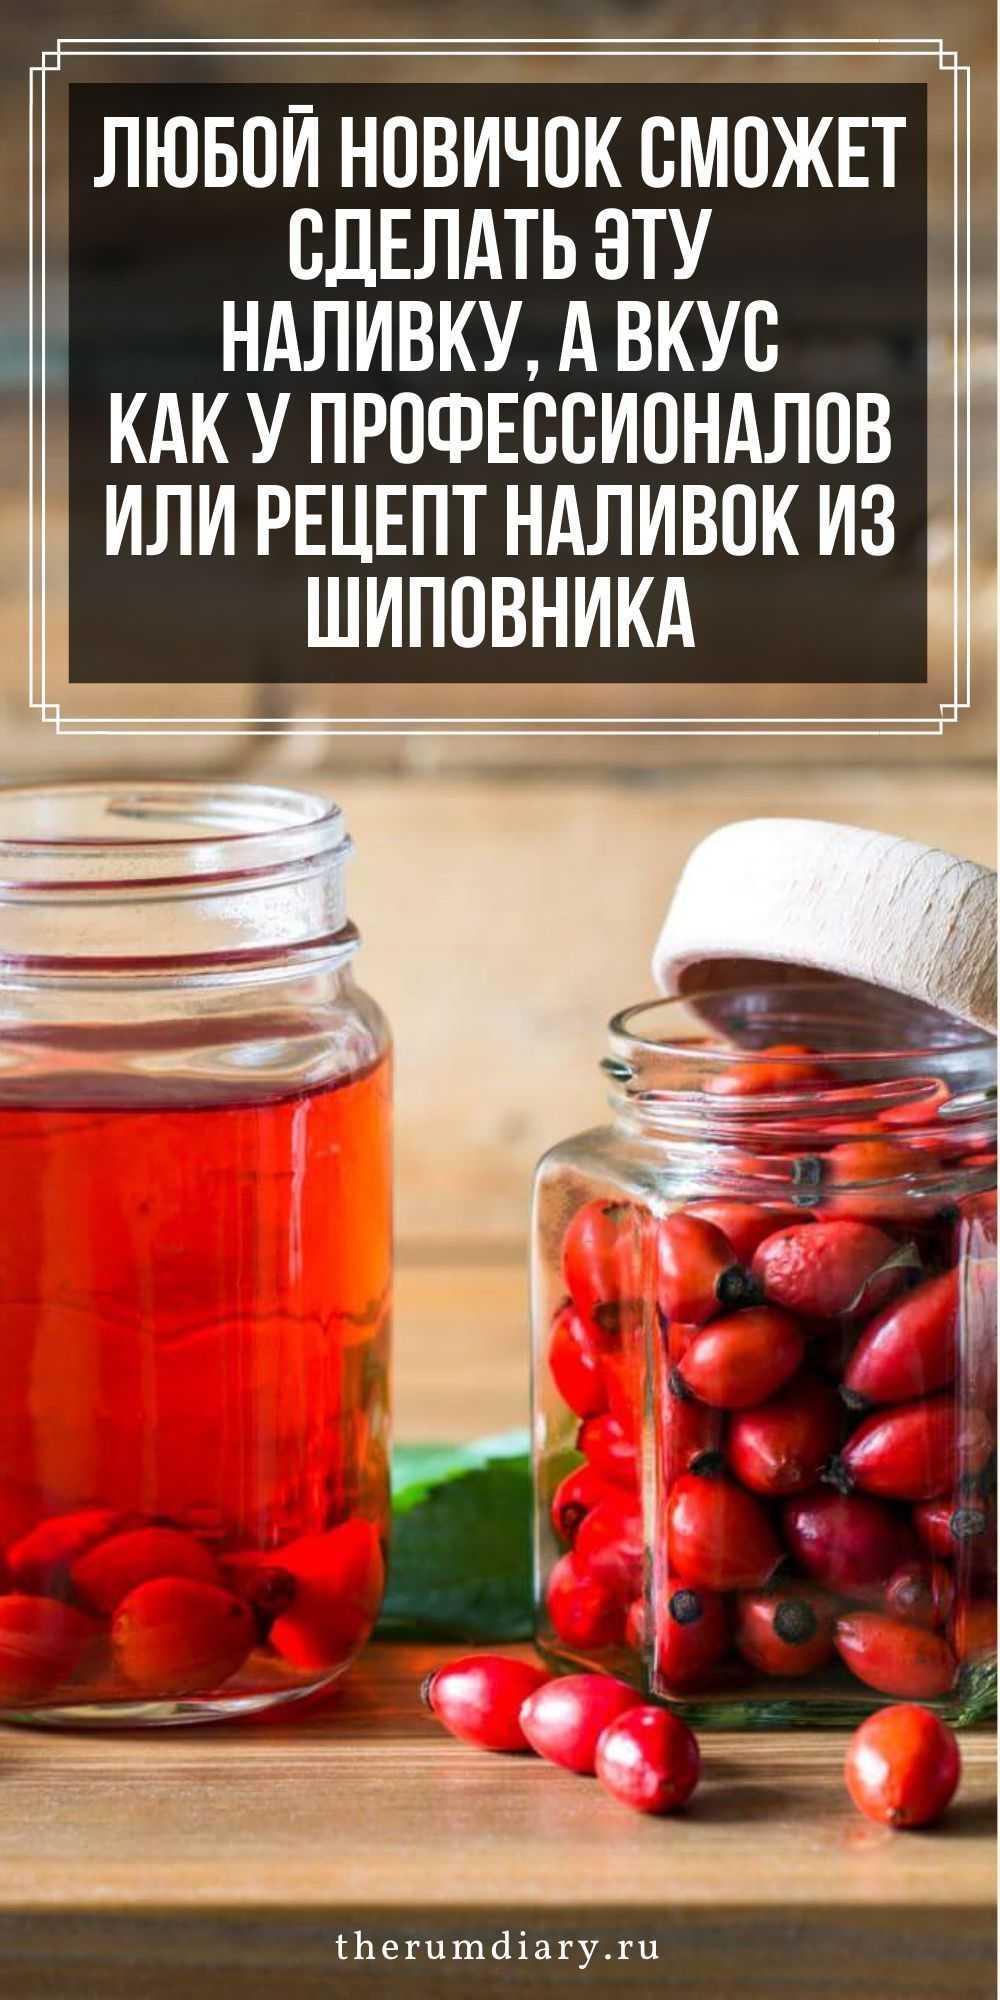 Настойка на бруснике: 6 рецептов в домашних условиях